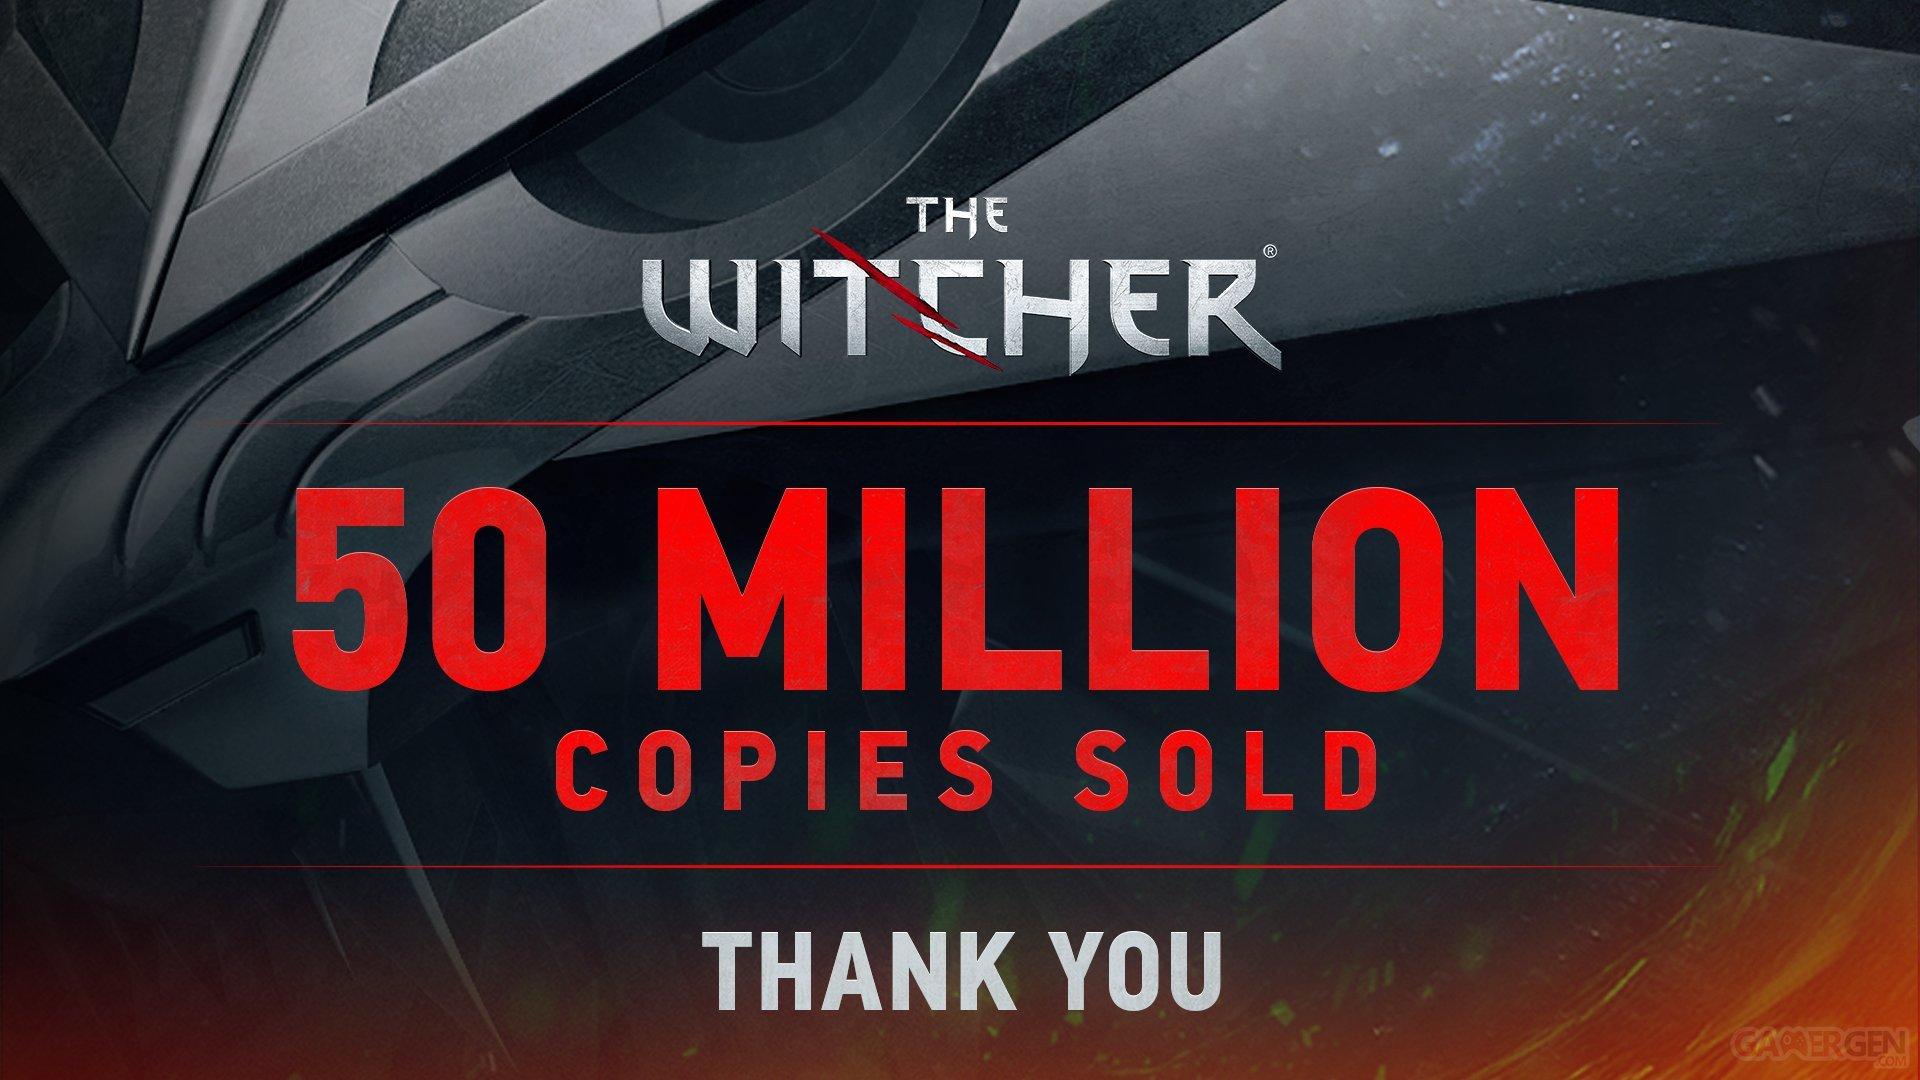 La série dépasse les 50 millions de ventes, champagne — The Witcher